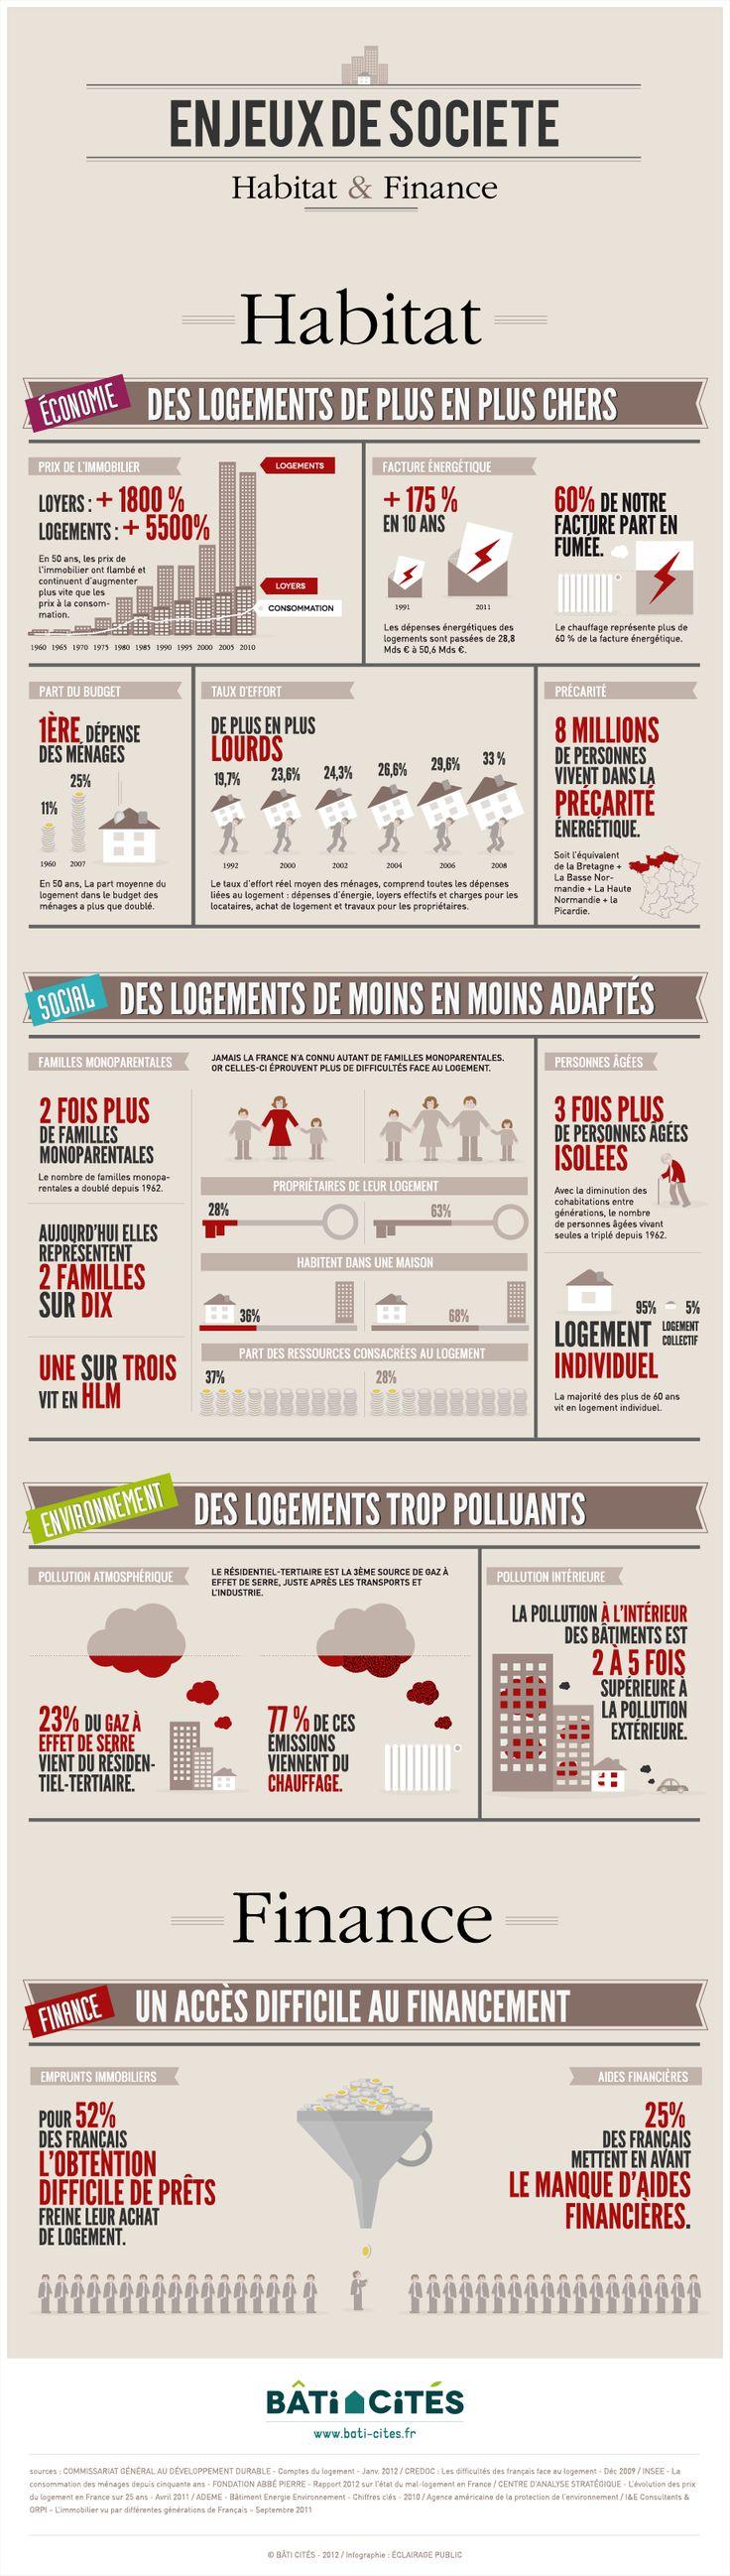 infographie-baticites-enjeux-920-Eclairage-Public